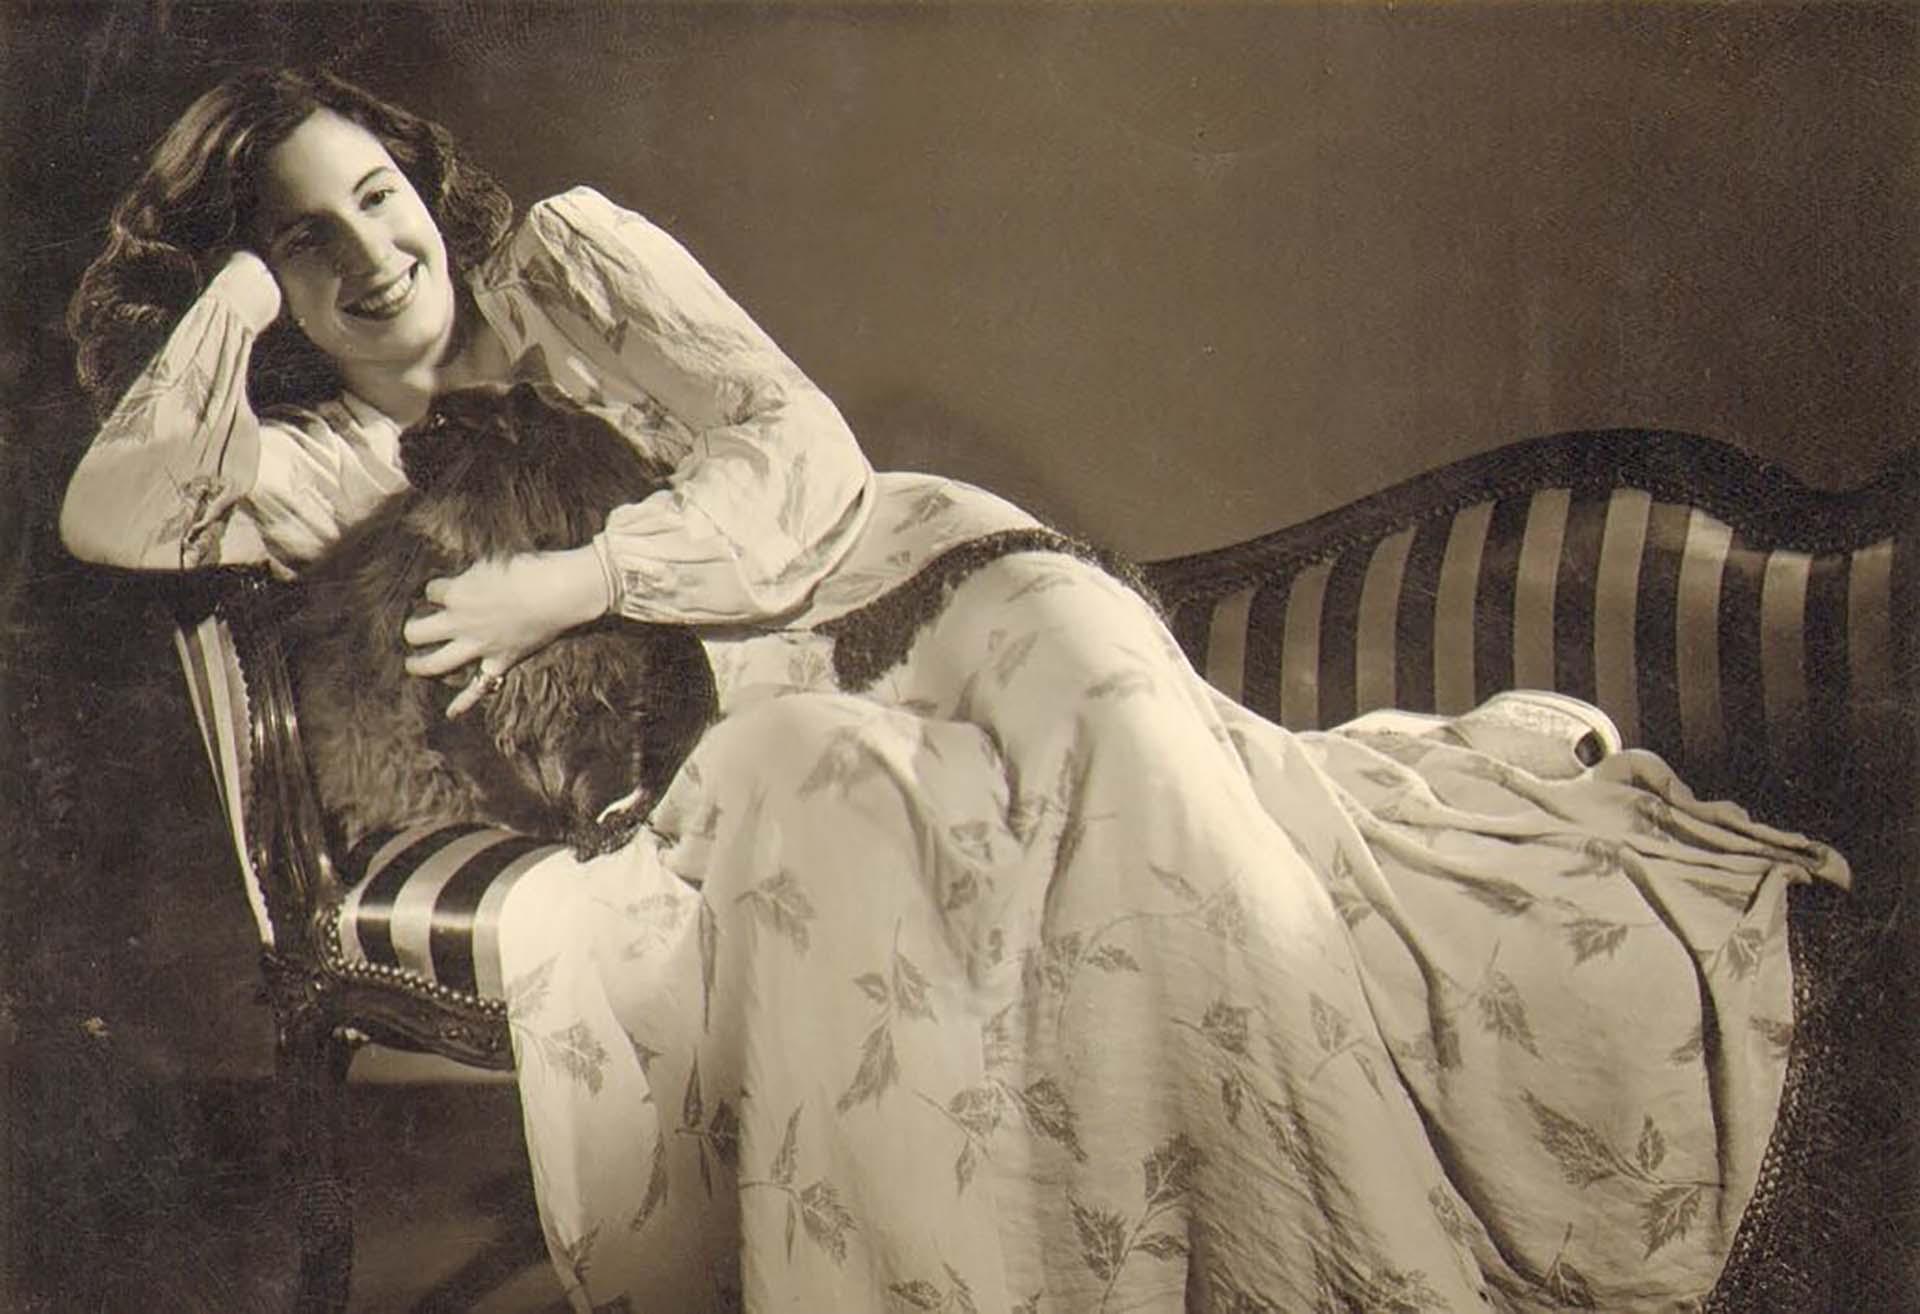 Evita en una sesión fotográfica para la gran artista de la imagen Anne Marie Heinrich, c. 1940.